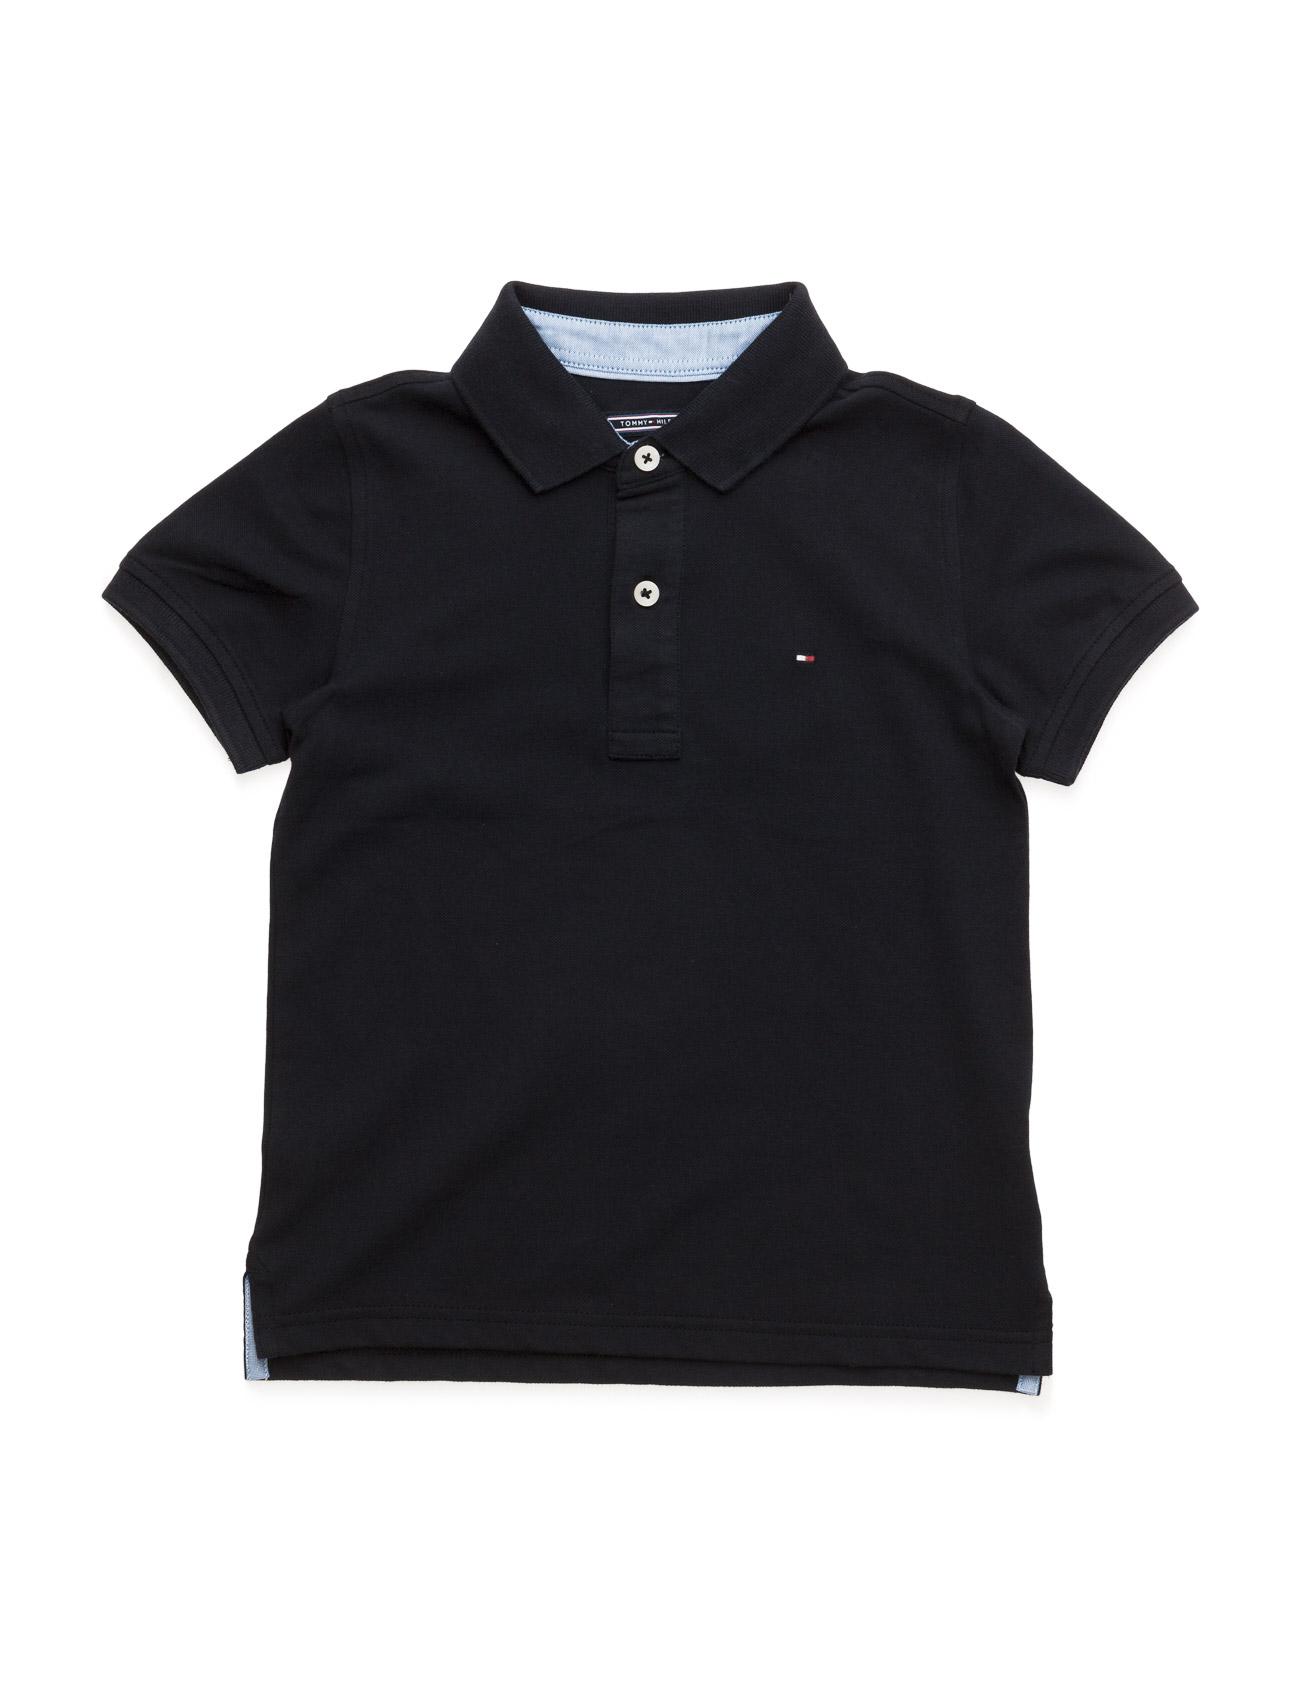 Tommy Polo S/S. Tommy Hilfiger Kortærmede t-shirts til Børn i